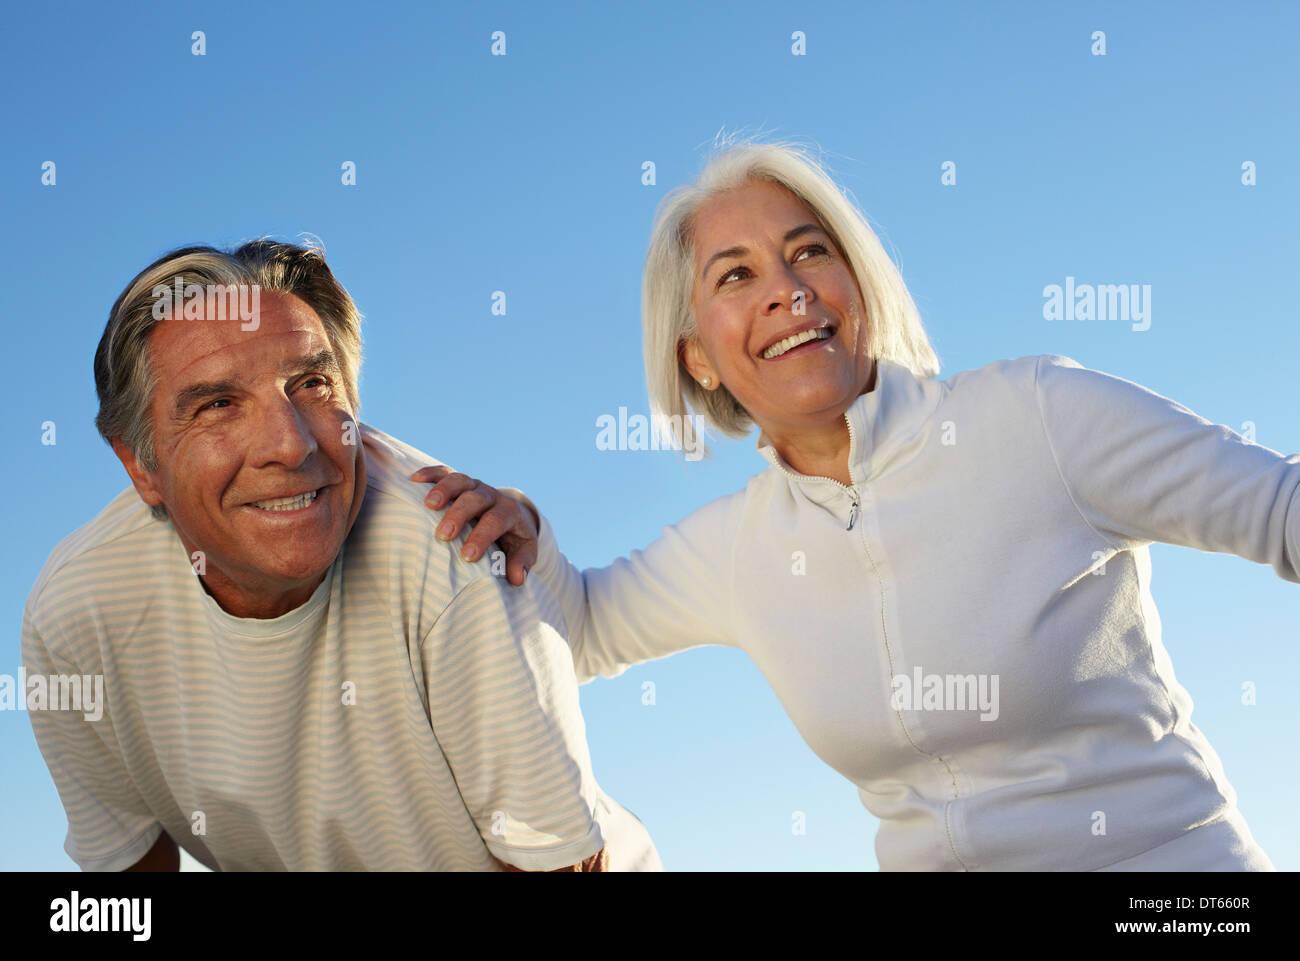 Retrato de pareja feliz al aire libre Imagen De Stock